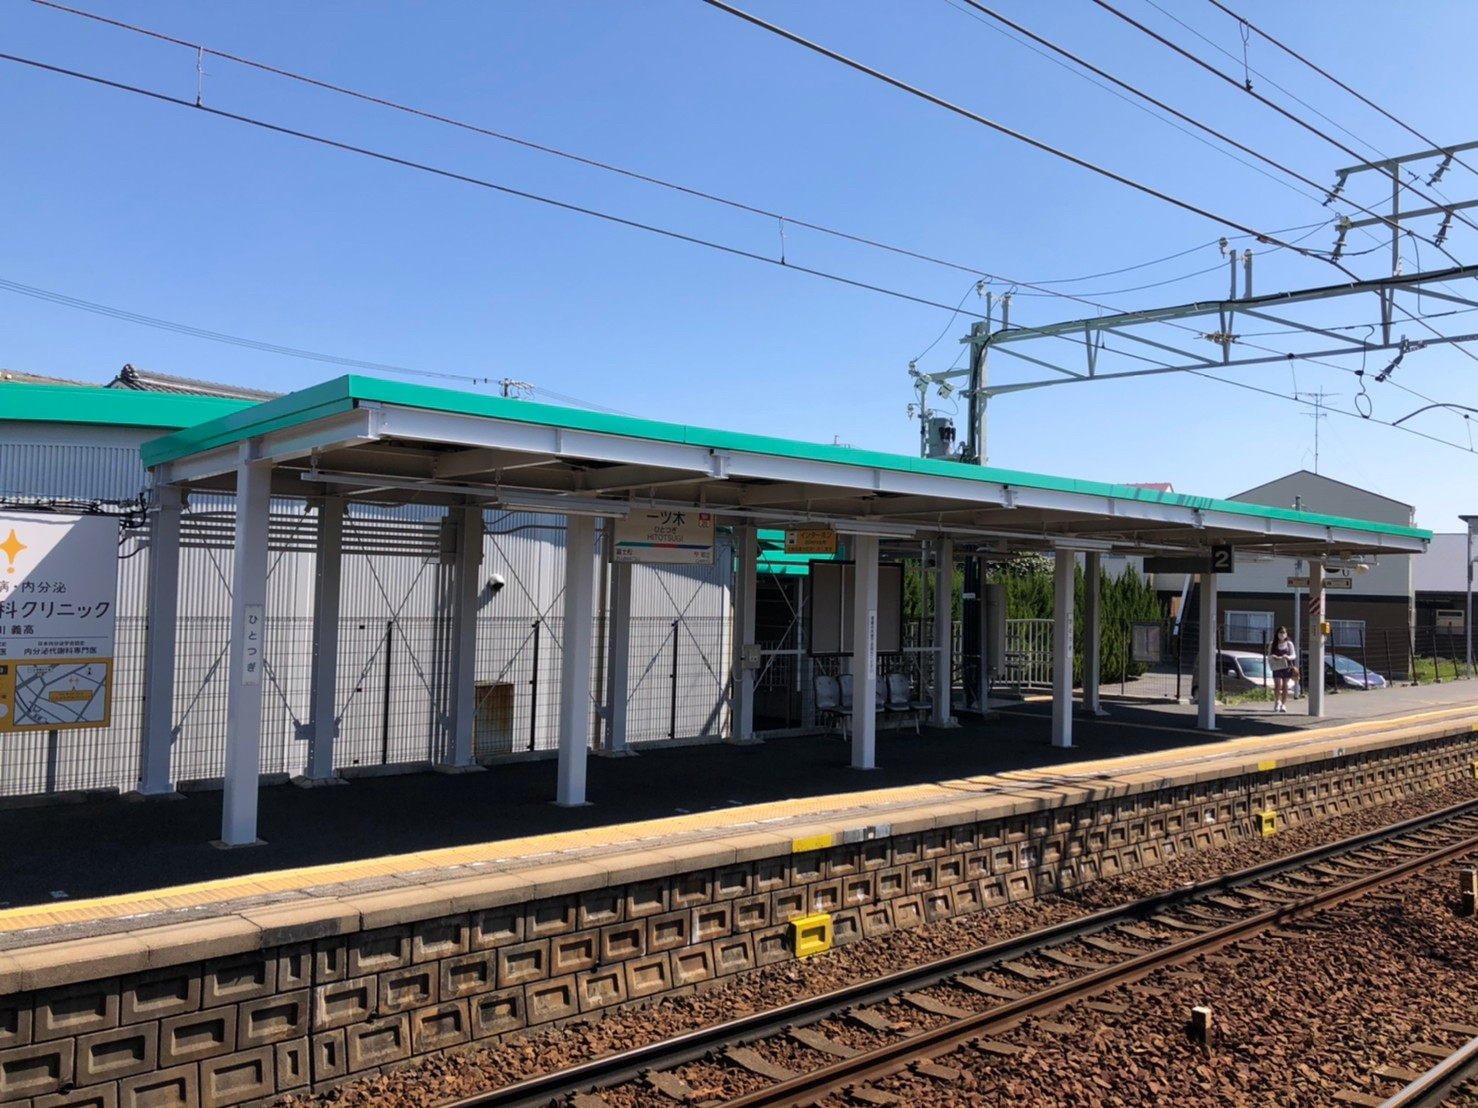 名古屋鉄道 一ツ木駅